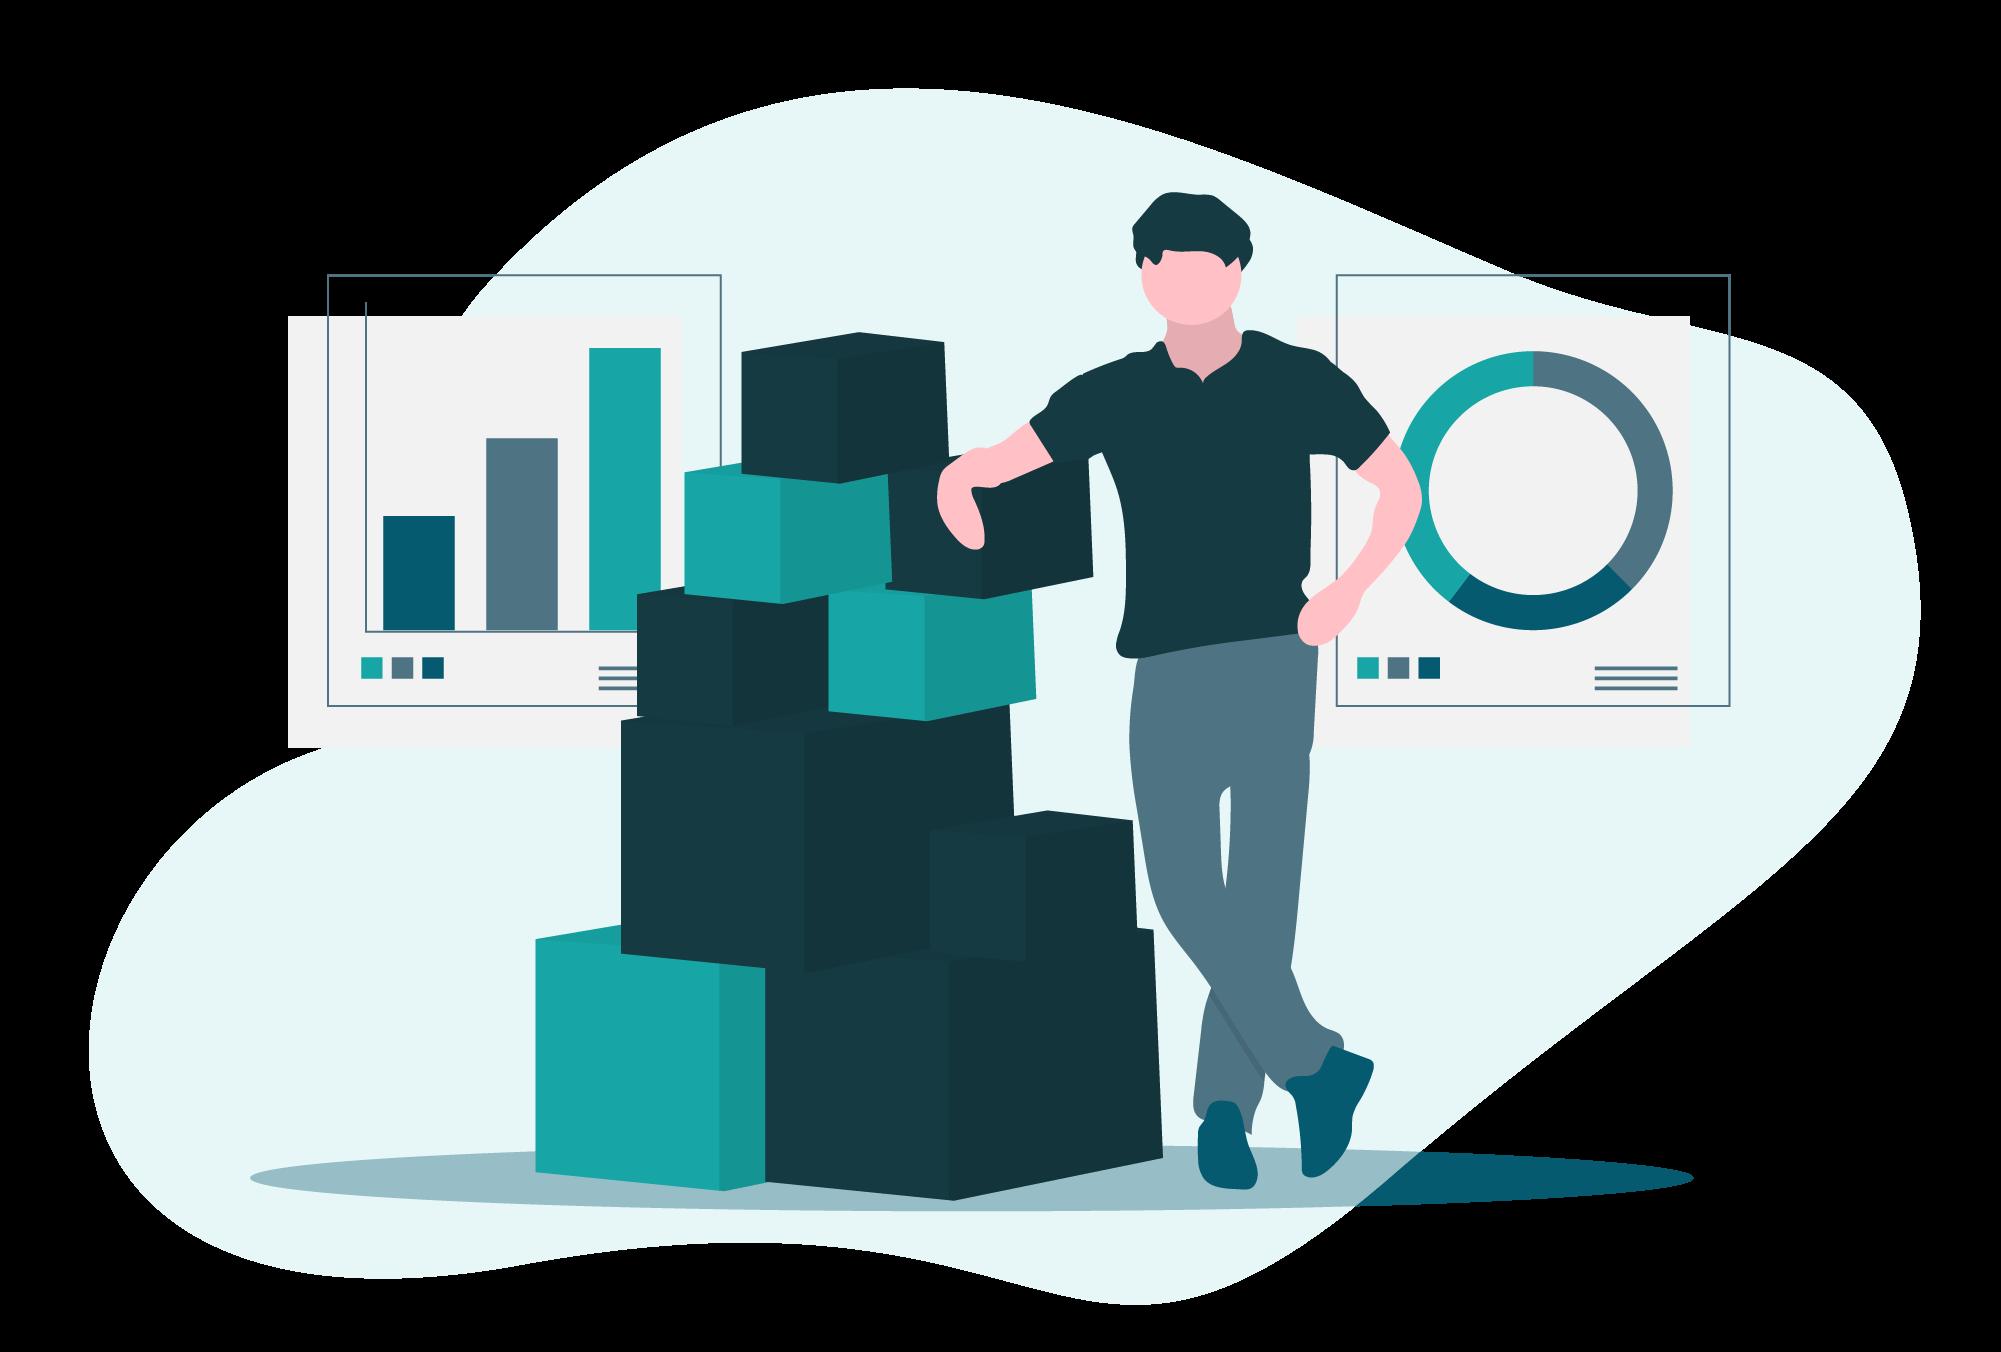 Le vendeur gère ses stocks - Eskemm - Illustration